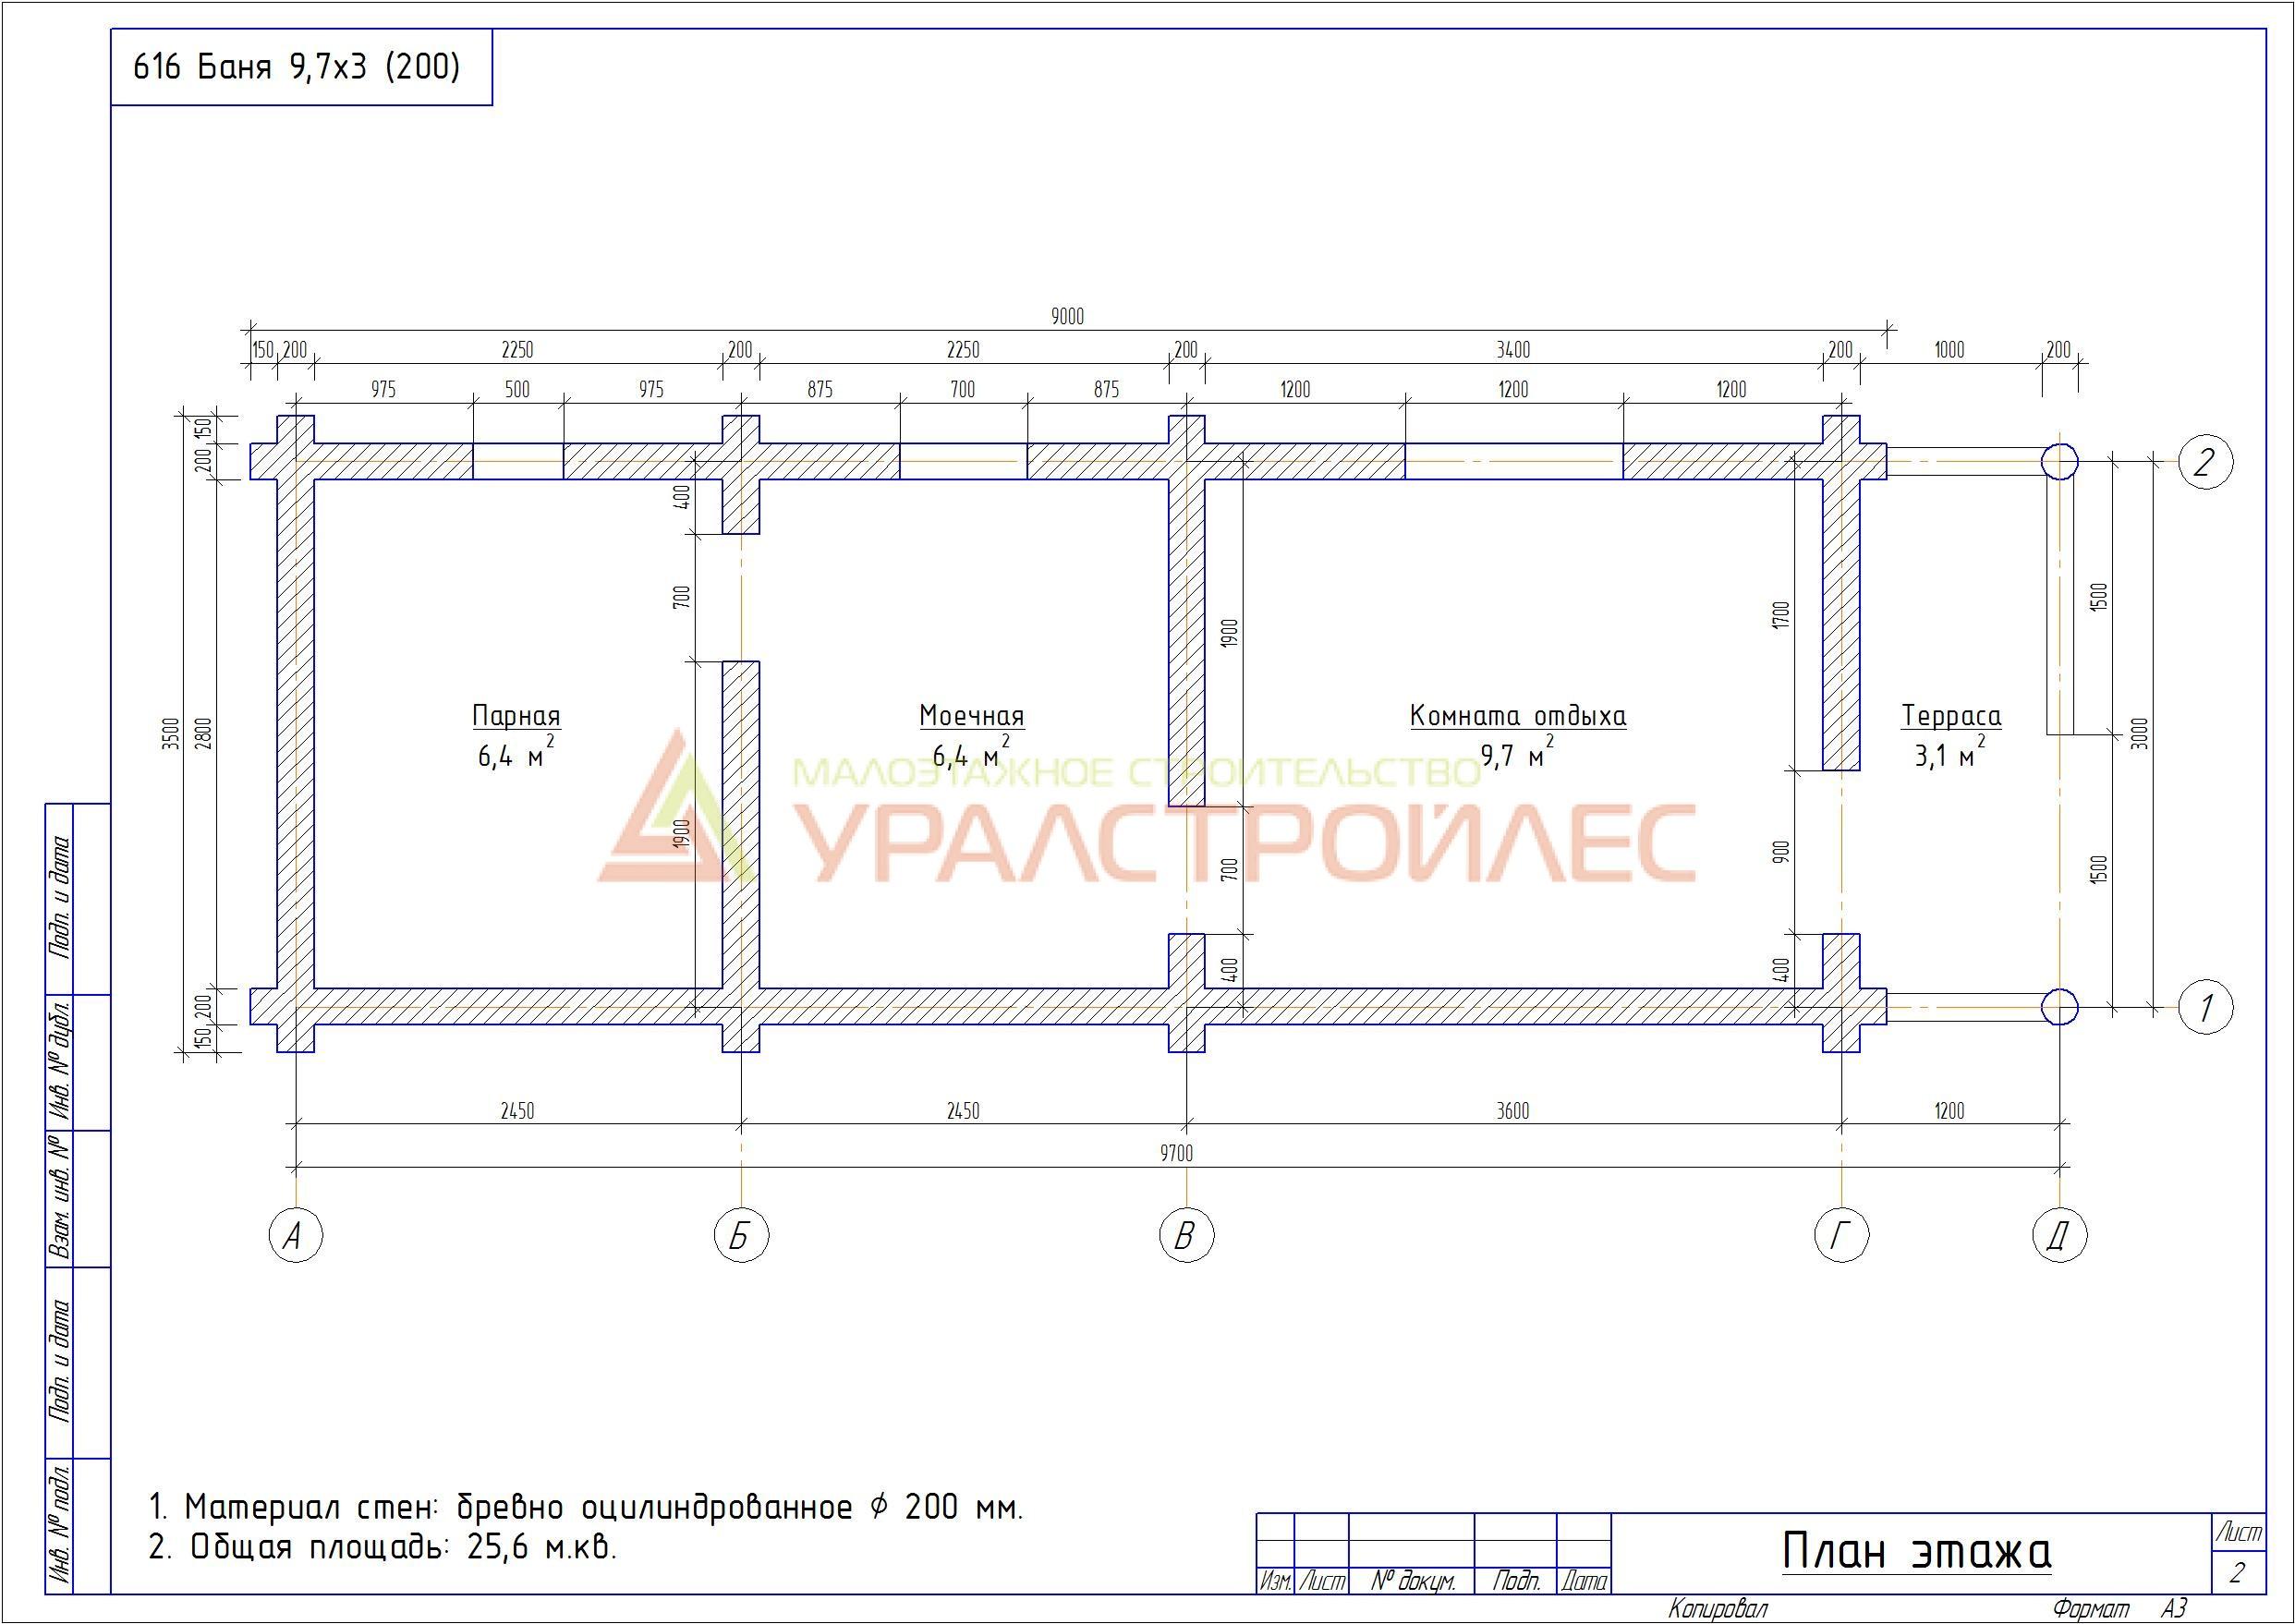 Проект № 616 г. Тюмень СНТ Миркурий 14 км Салаирского тракта .